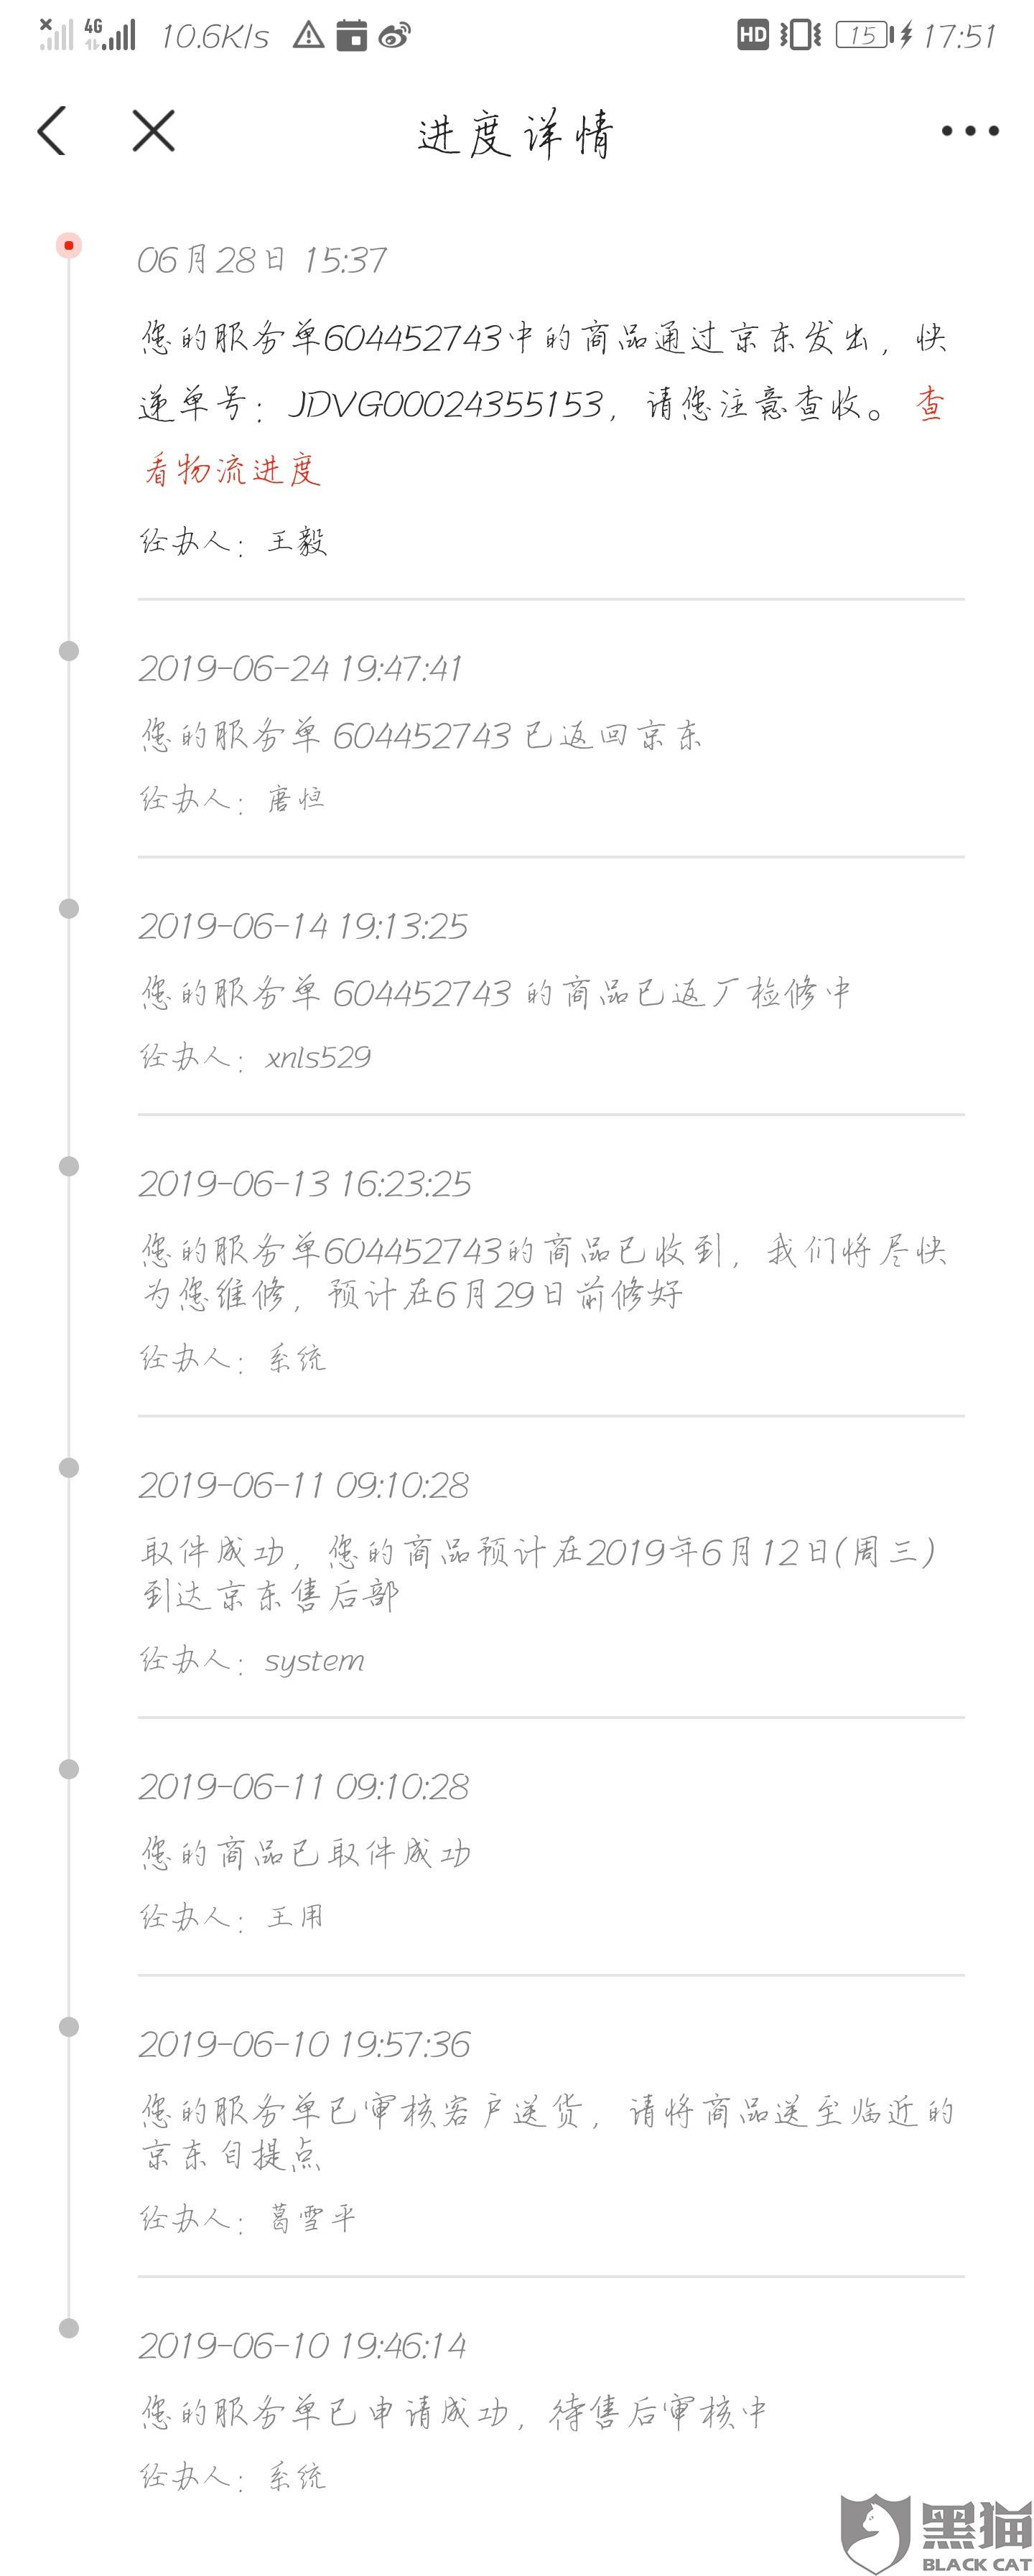 黑猫投诉:京东故意拖延维修时间,严重违反《合同法》